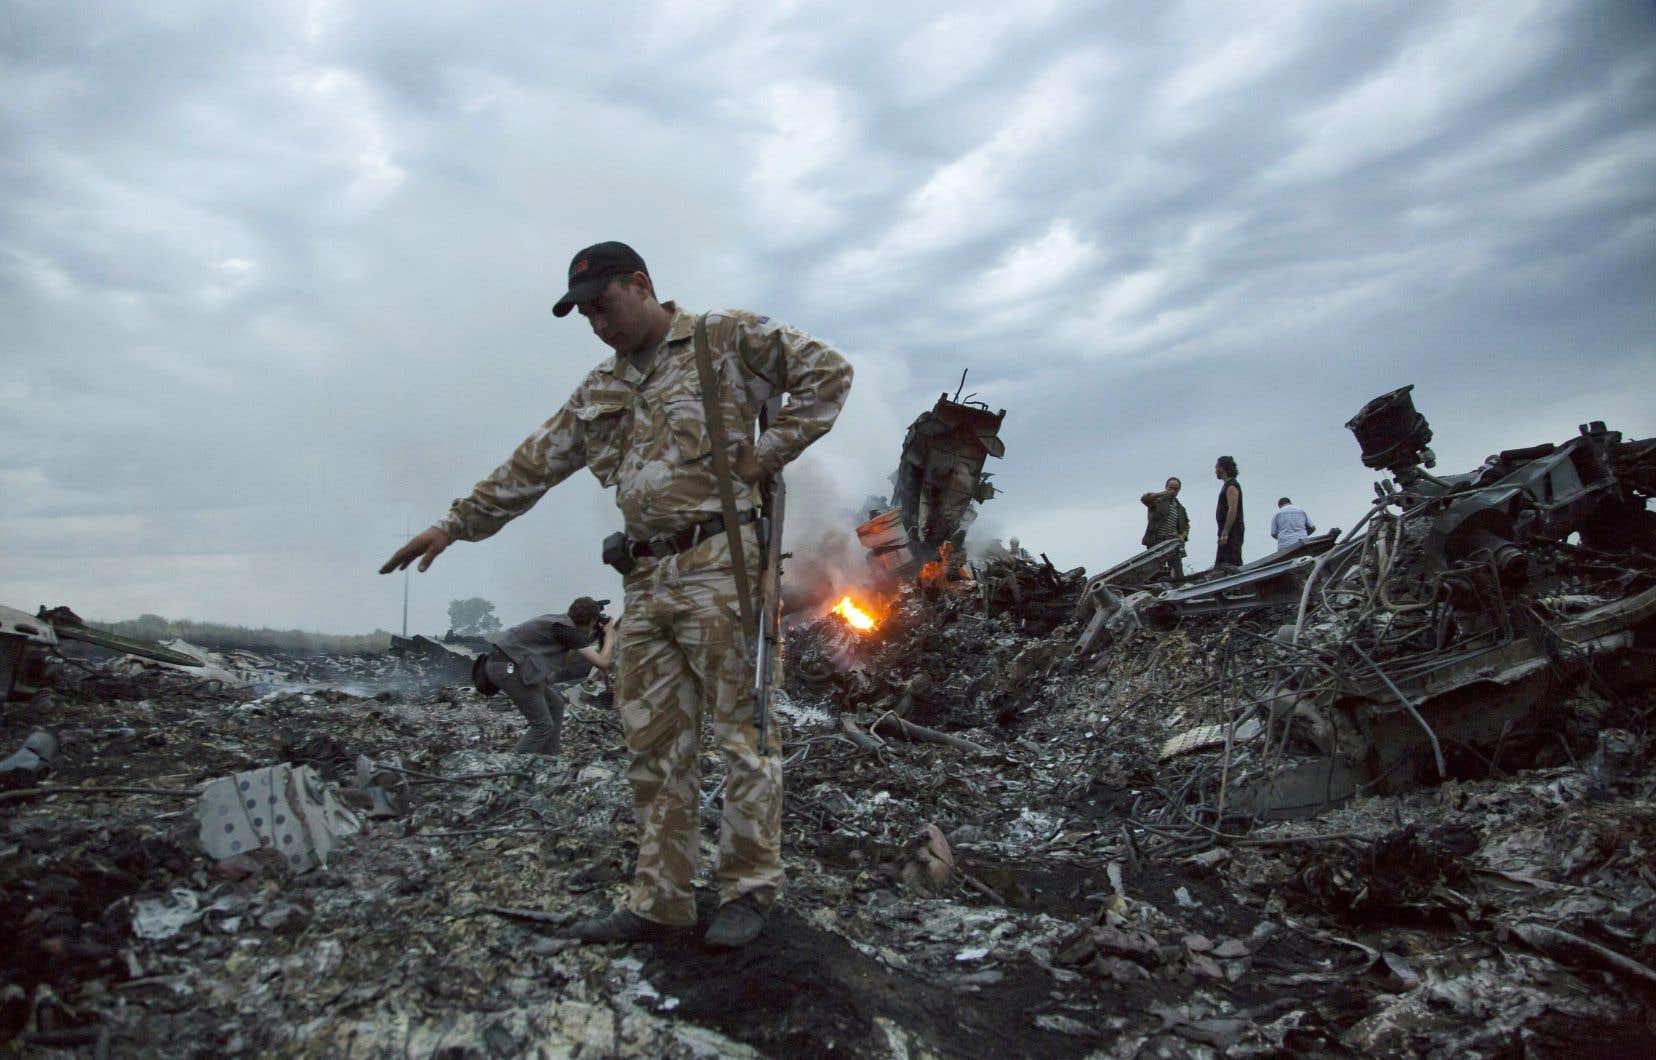 Des militaires parcourant les débris du vol MH17, abattu avec ses 298 passagers à bord, au-dessus de l'Ukraine